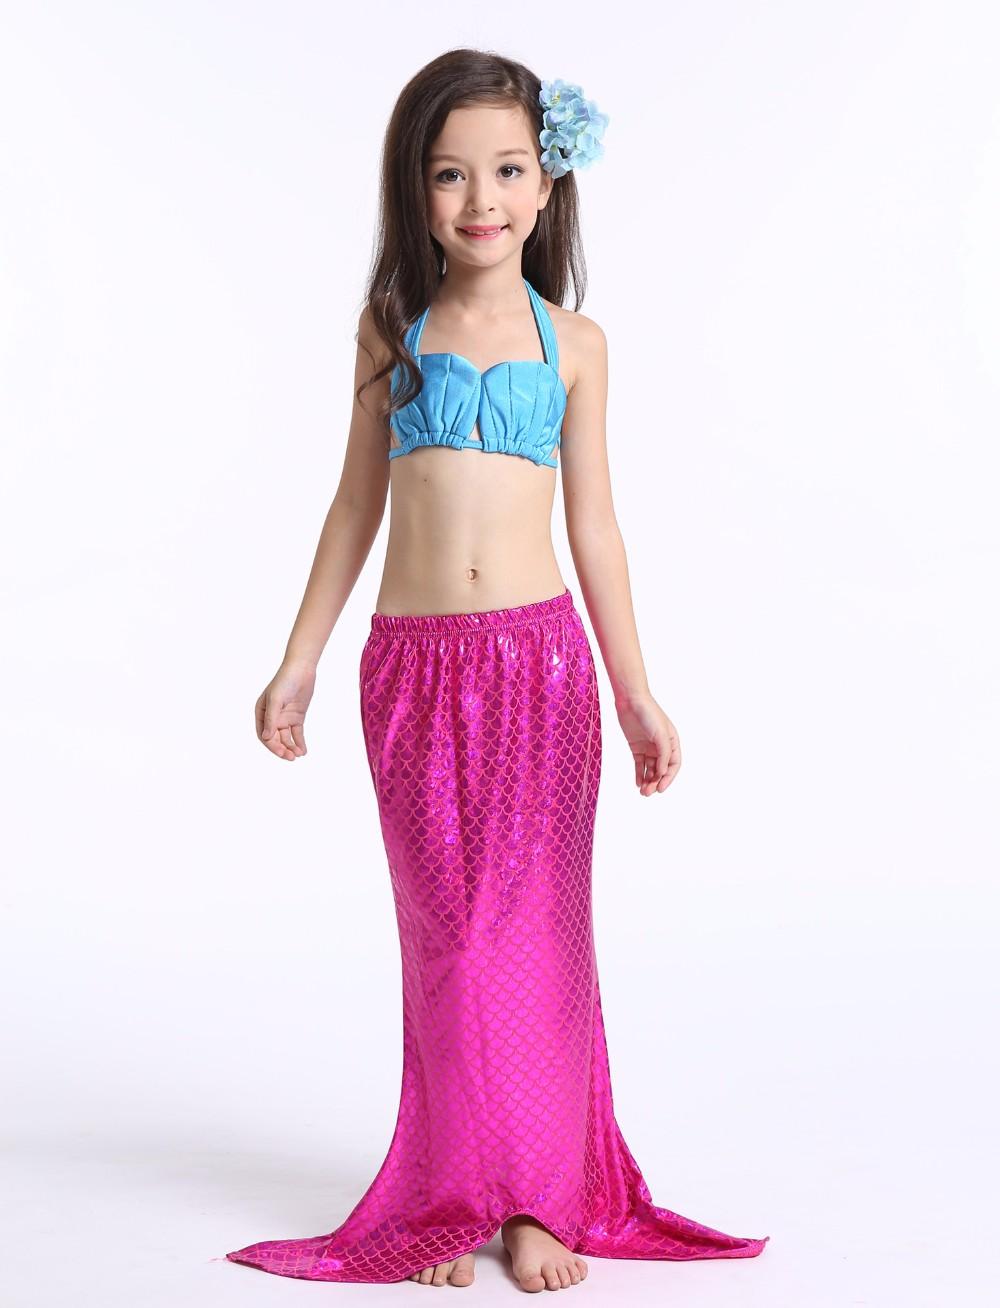 ชุดว่ายน้ำ นางนางเงือก เซ็ต 3 ชิ้น รุ่นเสื้อผูกอก สีชมพู-ฟ้า